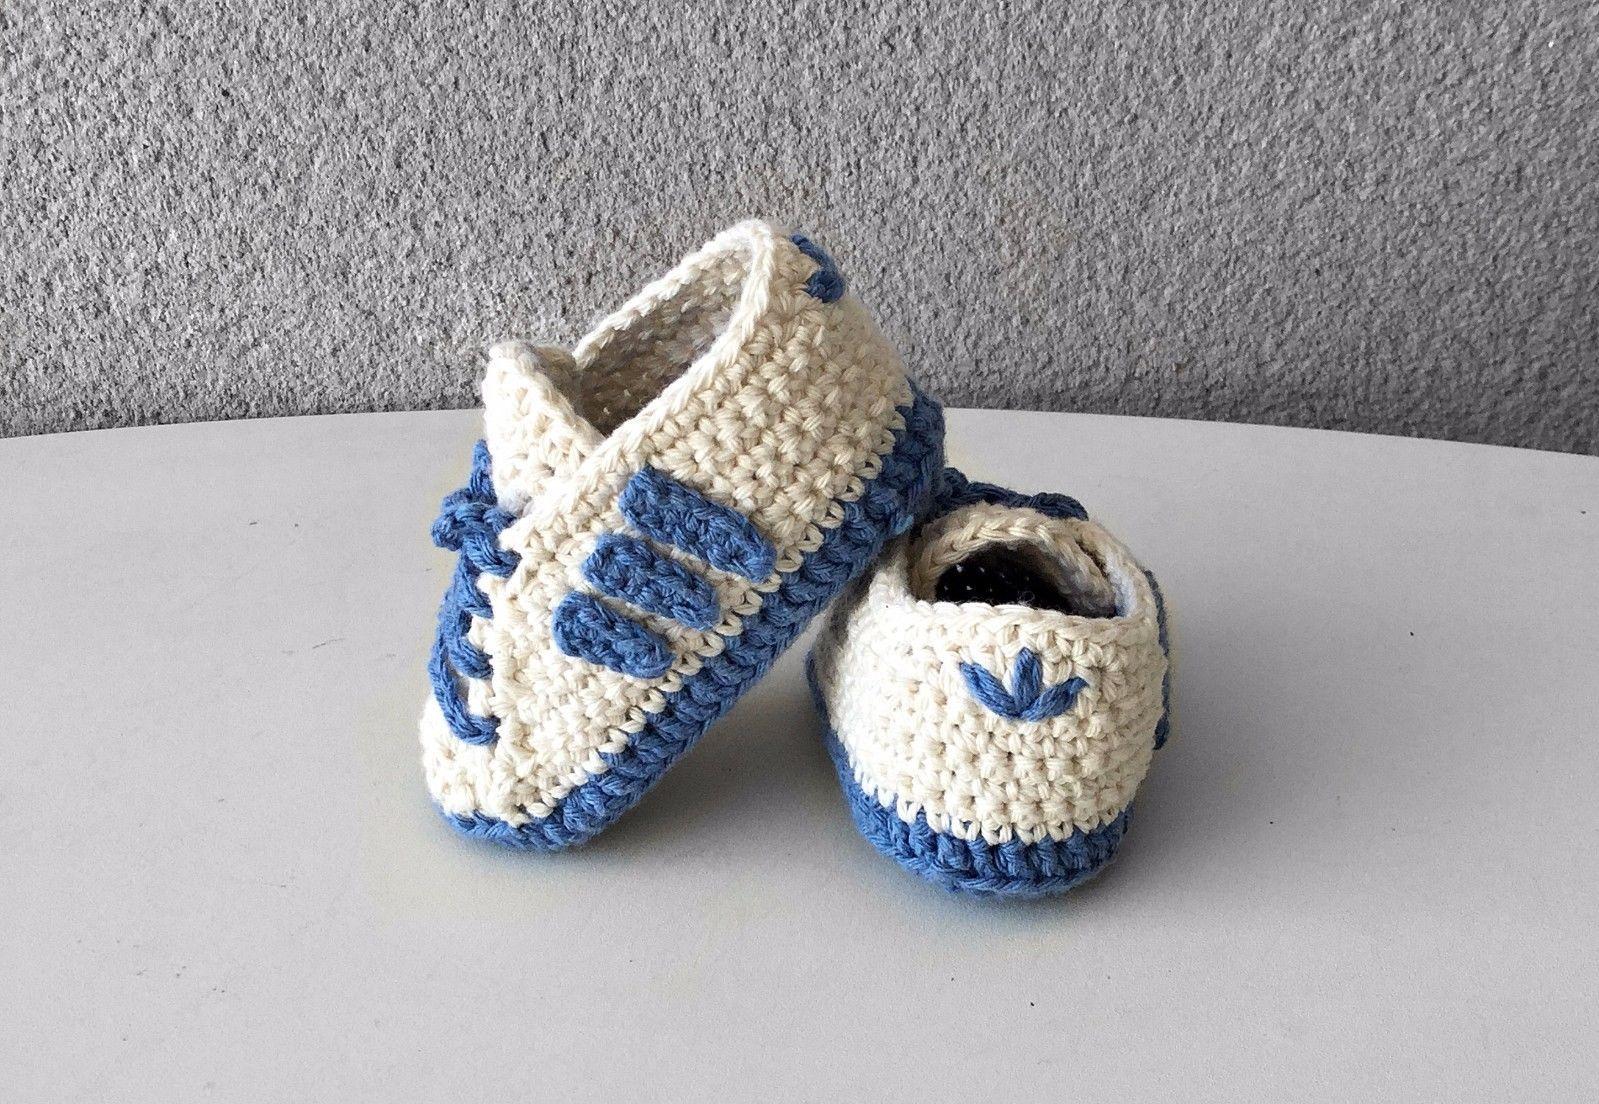 Andrew Halliday proyector Elección  Zapatos zapatitos bebe crochet, patucos talla 9,5 cm estilo Adidas | Bebés,  Ropa, calzado y complementos, Calzado | eBay! | Baby shoes, Crochet baby,  Shoes